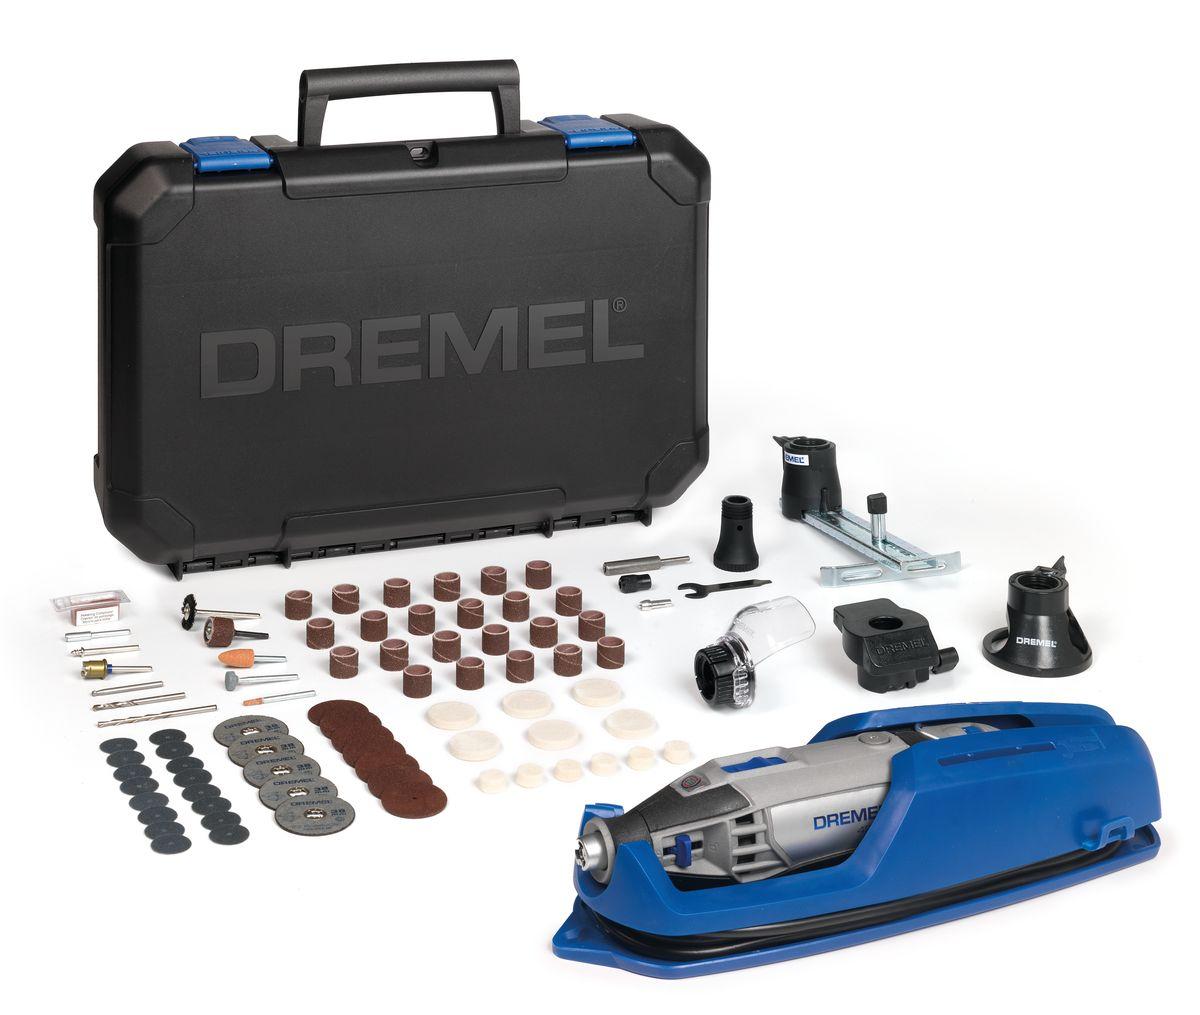 Многофункциональный инструмент Dremel 4200-4/75F0134200JHНеограниченные возможности – один инструмент. Мощный многофункциональный инструмент Dremel 4200 способен одинаково хорошо выполнять абразивную обработку, шлифование, фрезерование и pезку. Константная электроника обеспечивает исключительную мощность, необходимую для поддержания максимальной производительности. Регулятор скорости во всем диапазоне запоминает выбранную частоту вращения после выключения инструмента. Высочайшая точность даже при работе в неудобных углах и труднодоступных местах. Просто переключайтесь между сменными насадками с помощью системы EZ Change. Потяните вниз рычаги, задвиньте насадку – и вы готовы к работе. Комплектация: Dremel 4200 75 высококачественная насадка Dremel Направляющая для резки () Линейный фрезерный циркуль (678) Шлифовальная платформа (576) Приспособление Comfort Guard (550) Вместительный и прочный кейс для хранения, со съемным лотком для насадок В комплект входит уникальная подставка для крепления инструмента, упрощающая хранение вашего инструмента. Технические характеристики: Входная номинальная мощность: 175 Вт Напряжение: 230 В Вес: 0,66 кг Длина: 22,5 см Частота вращения на холостом ходу: 5.000 - 33.000 об/мин Регулировка скорости: Полностью регулируемый Система быстрой замены насадок: Да: EZ ChangeКак выбрать мультитул. Статья OZON Гид